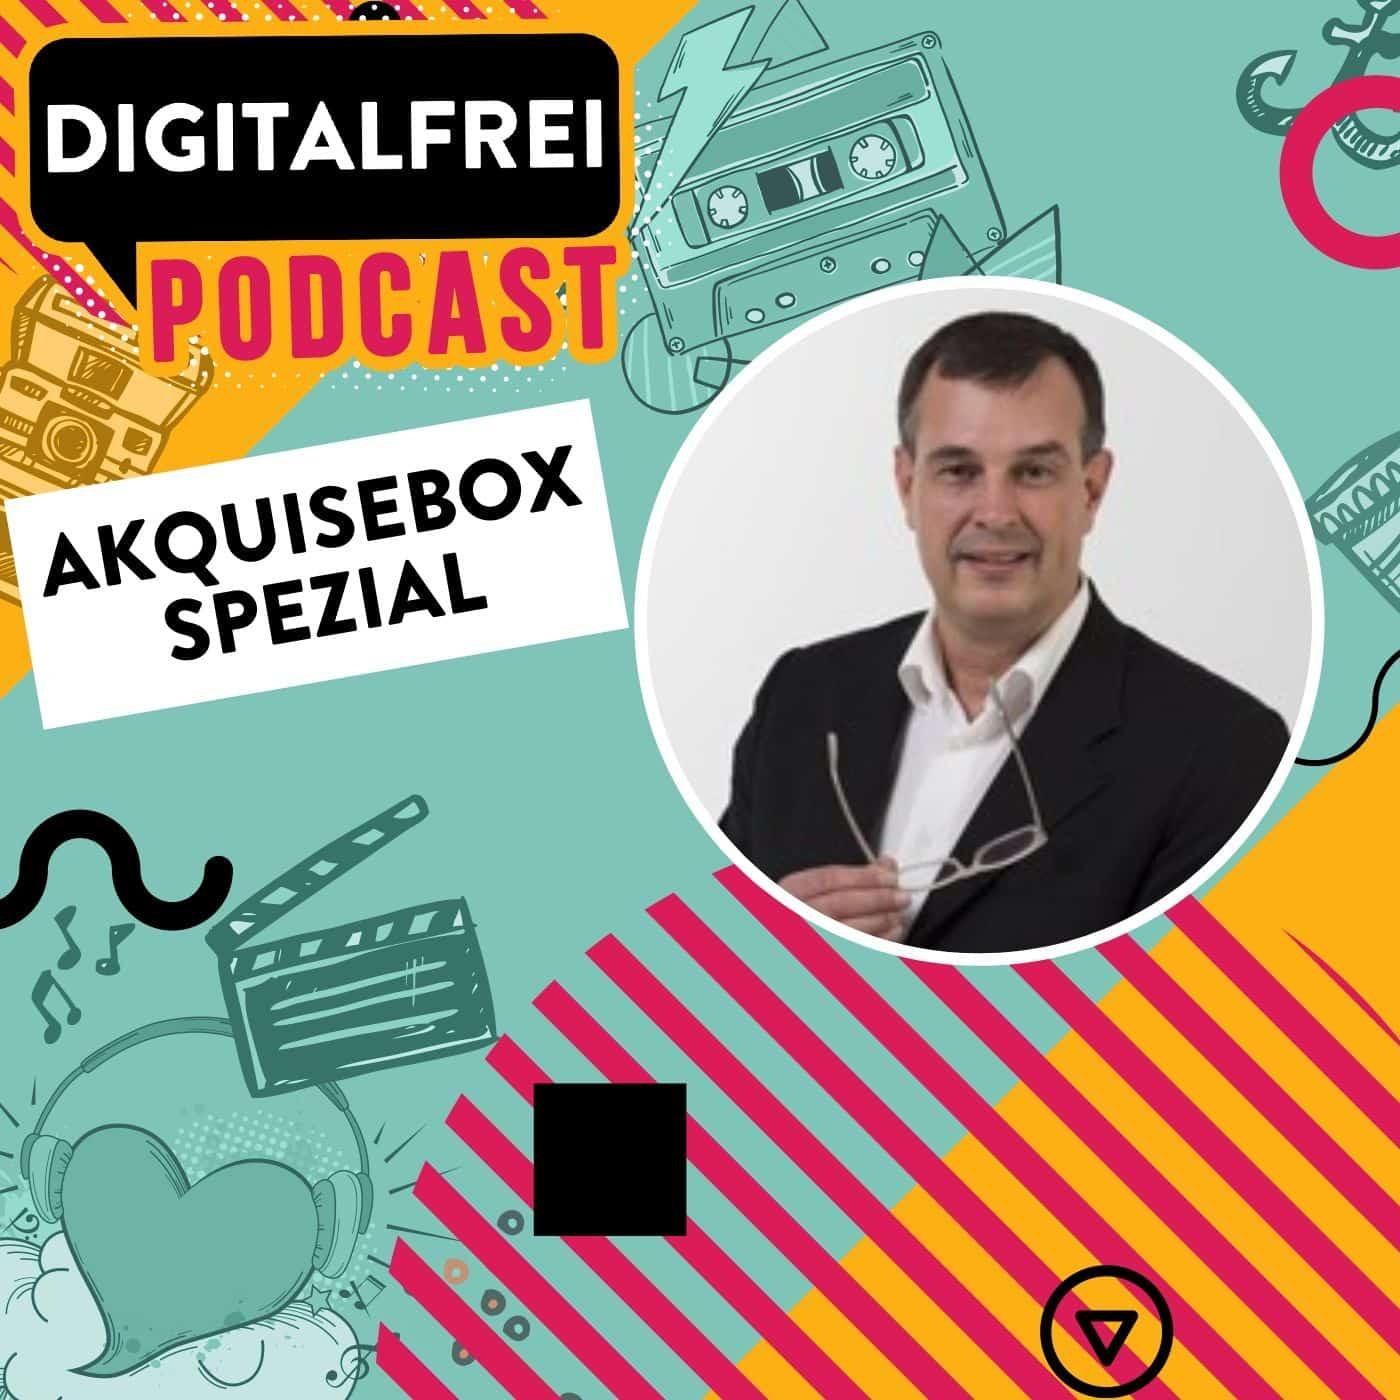 Akquisebox Spezial – Elmar G. Arneitz – Kommunikationstrainer